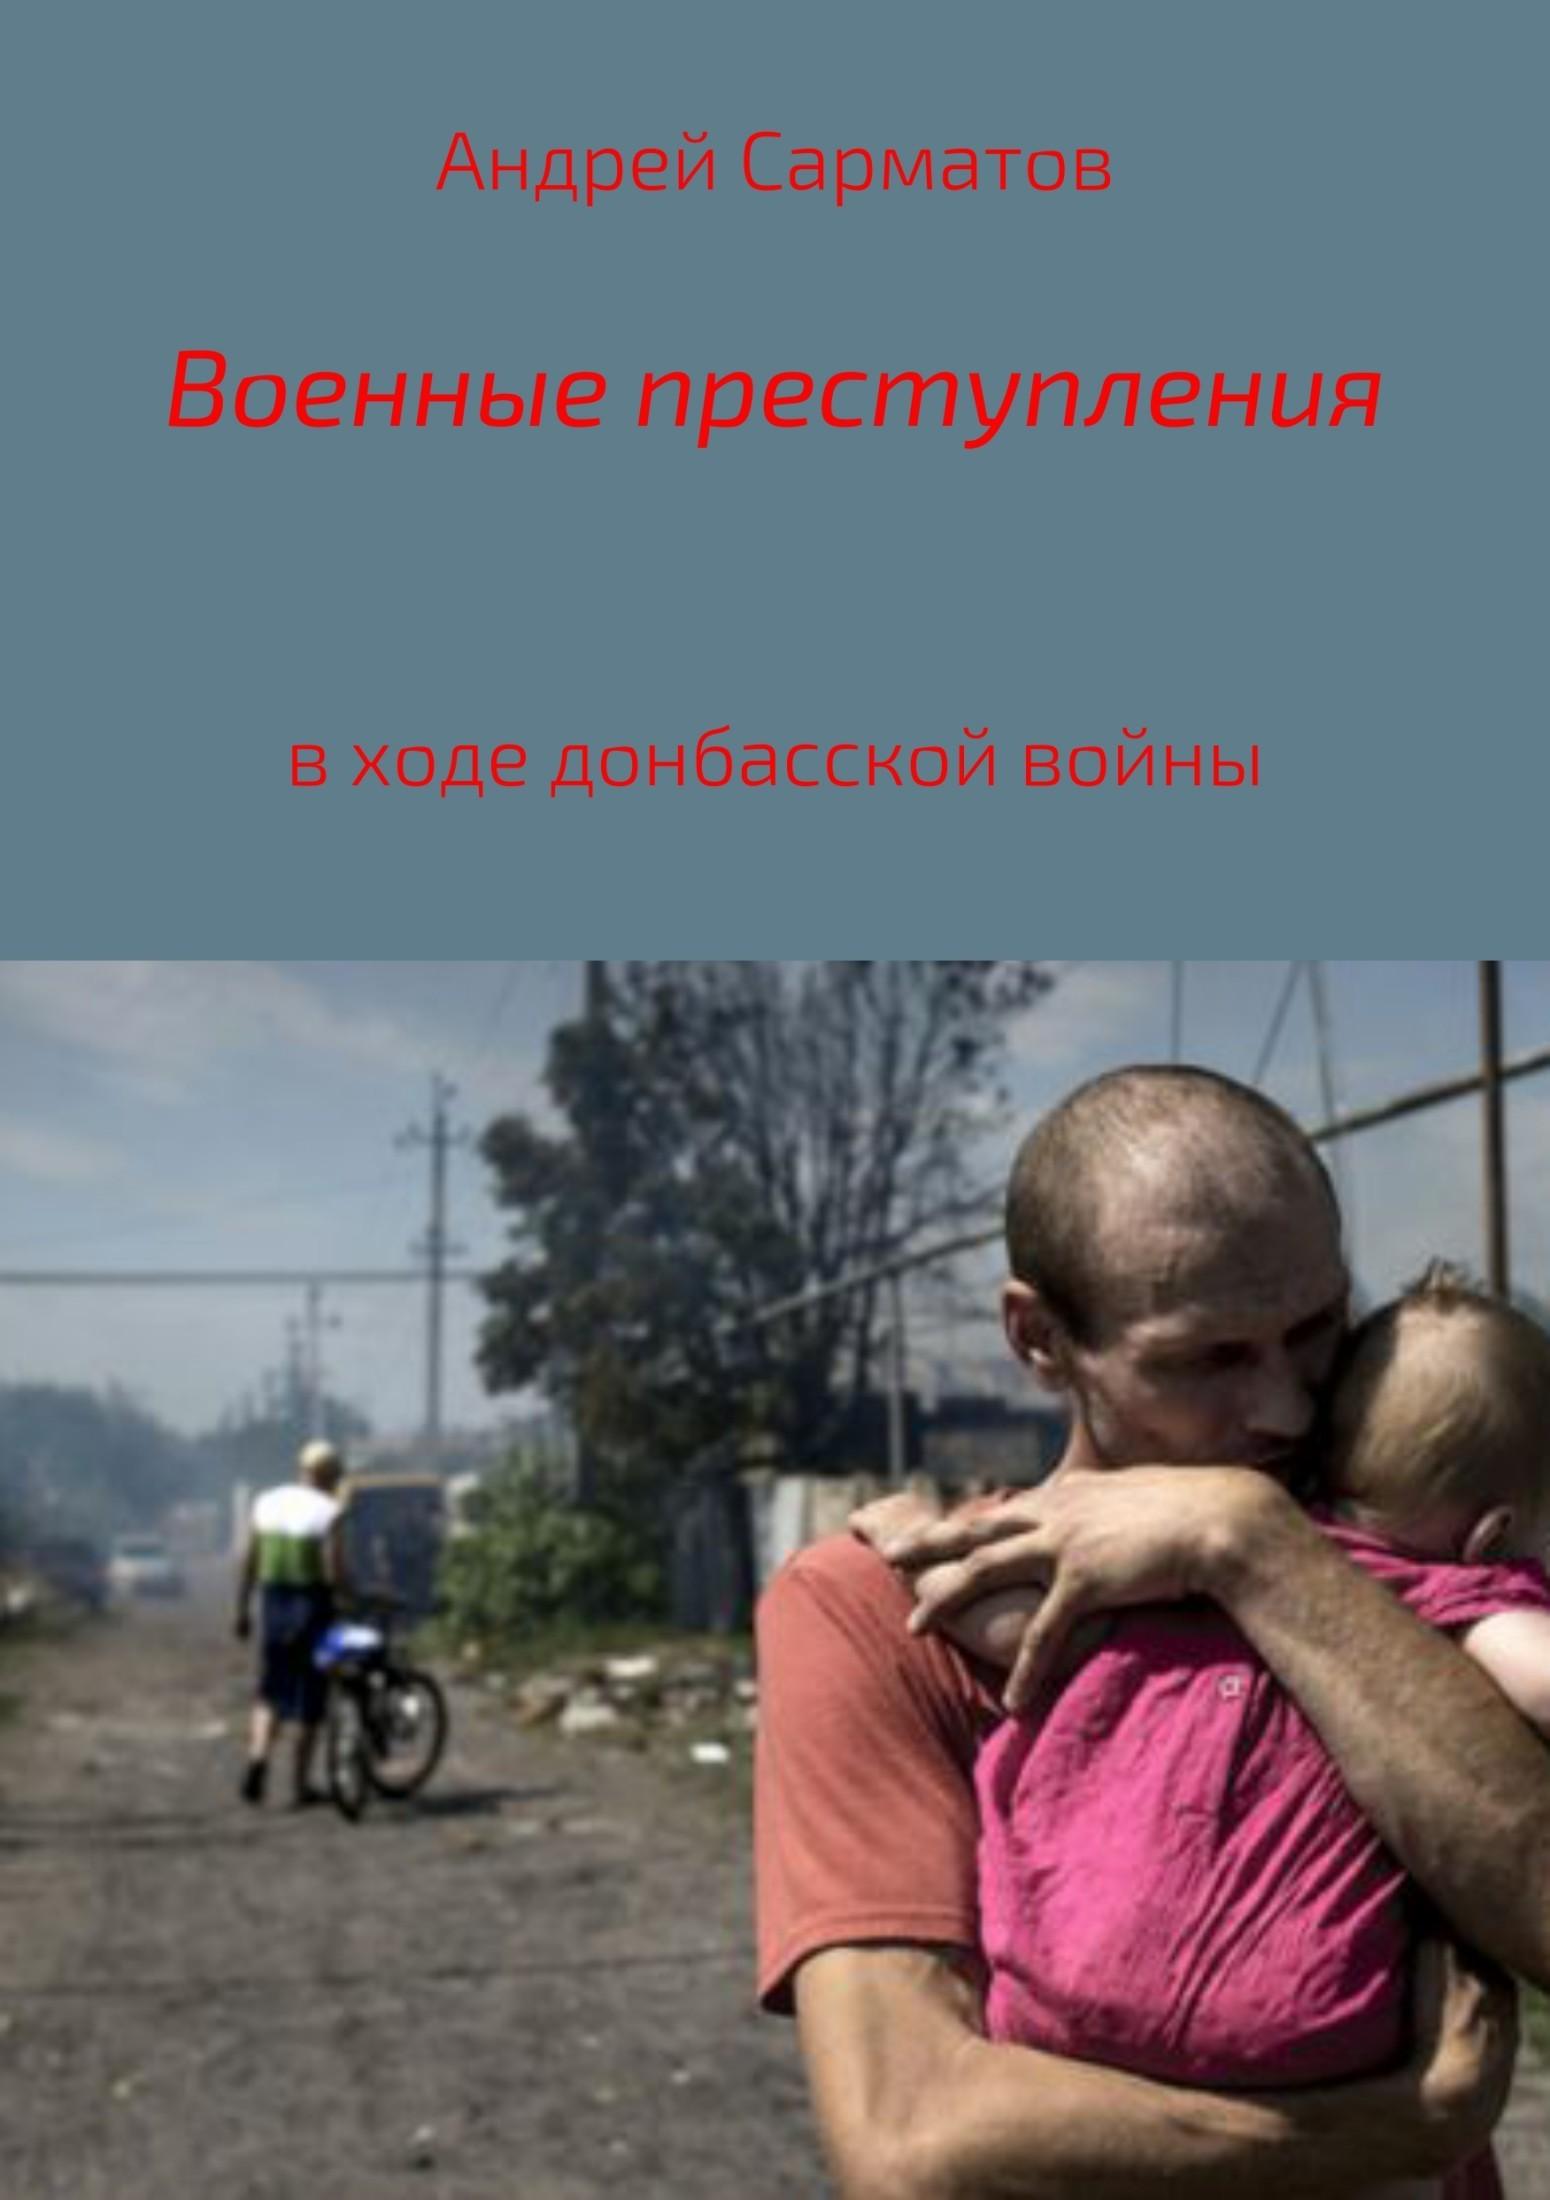 Андрей Сарматов. Военные преступления в ходе донбасской войны